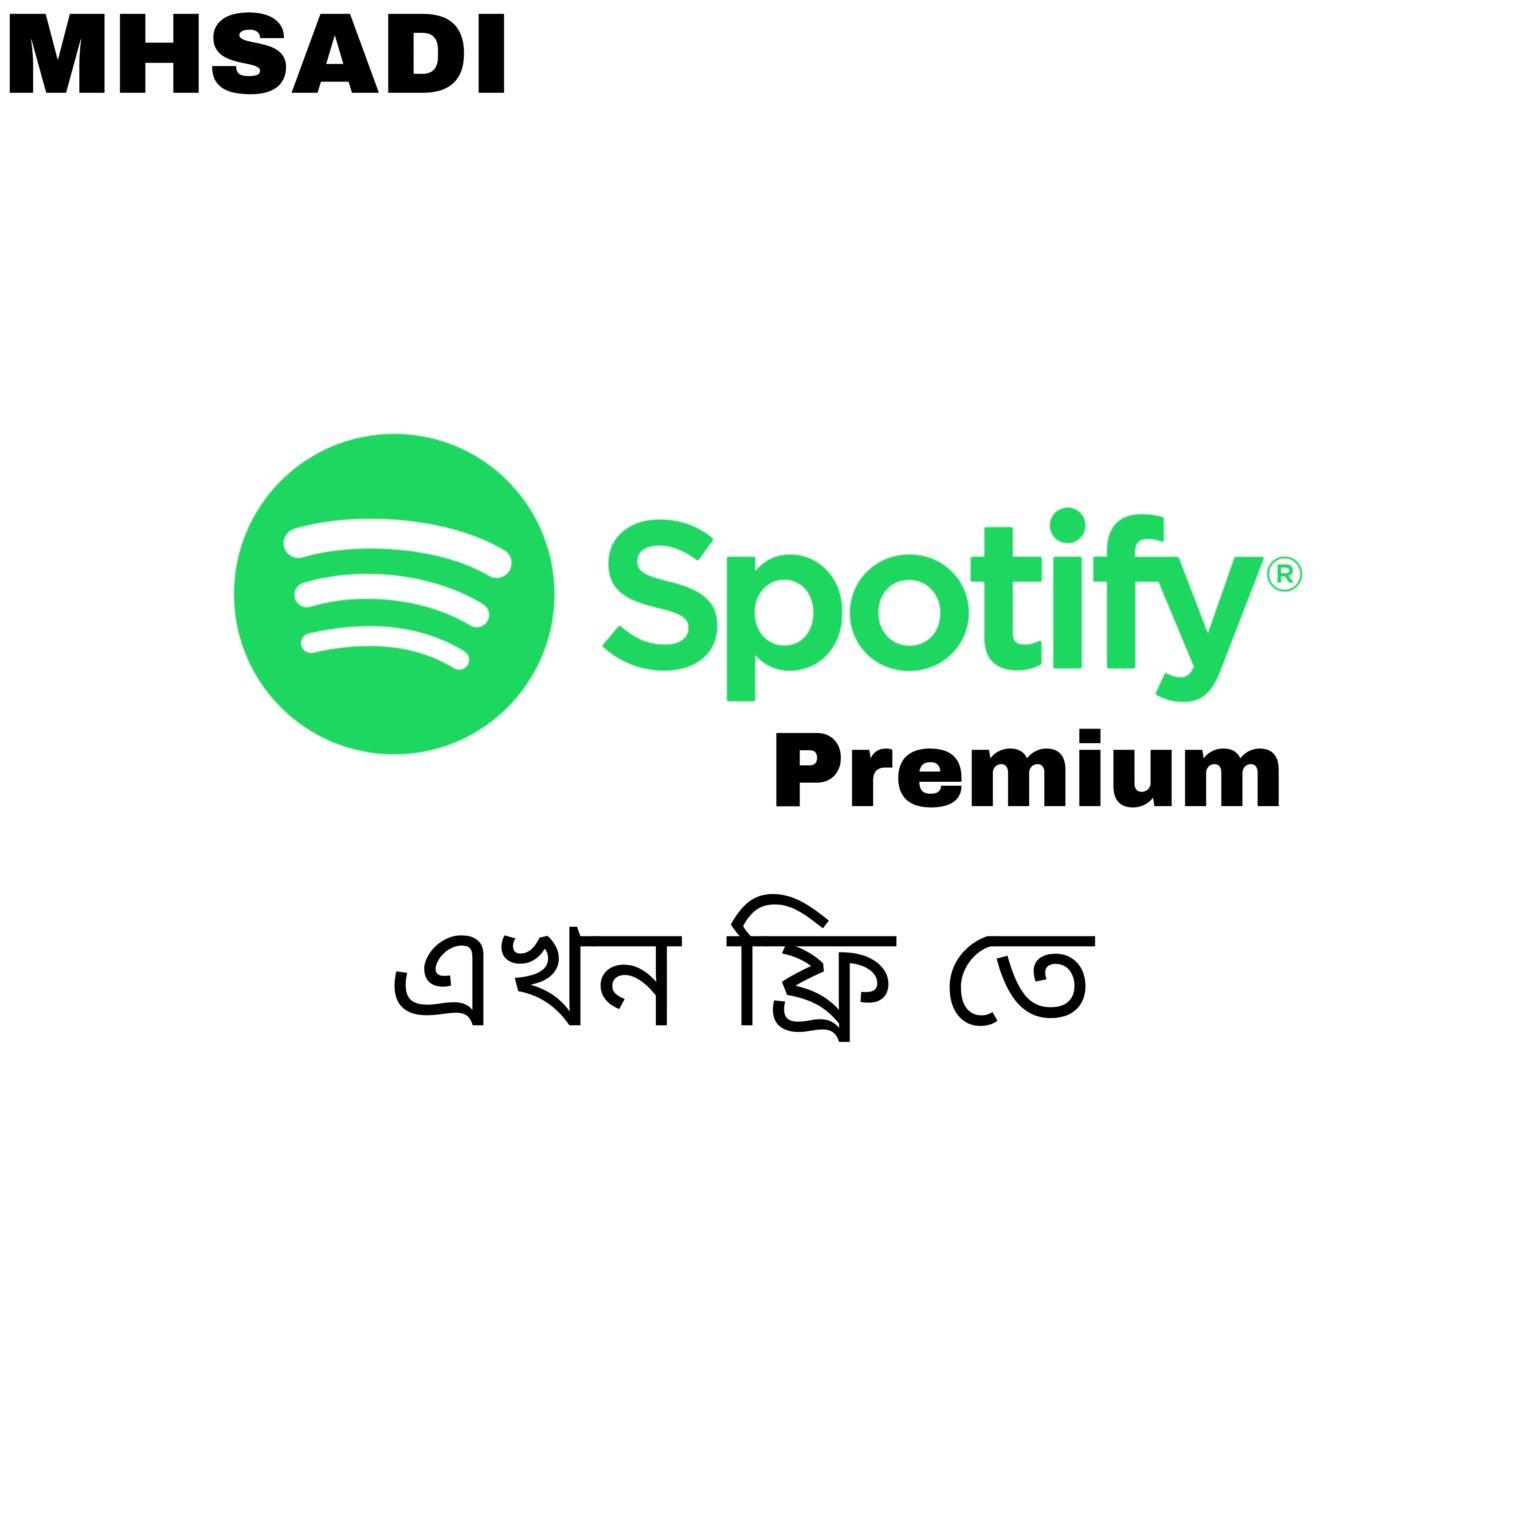 ব্যবহার করুন Spotify Premium একদম ফ্রি তে! বাংলাদেশে থেকেই।একদম সহজে।